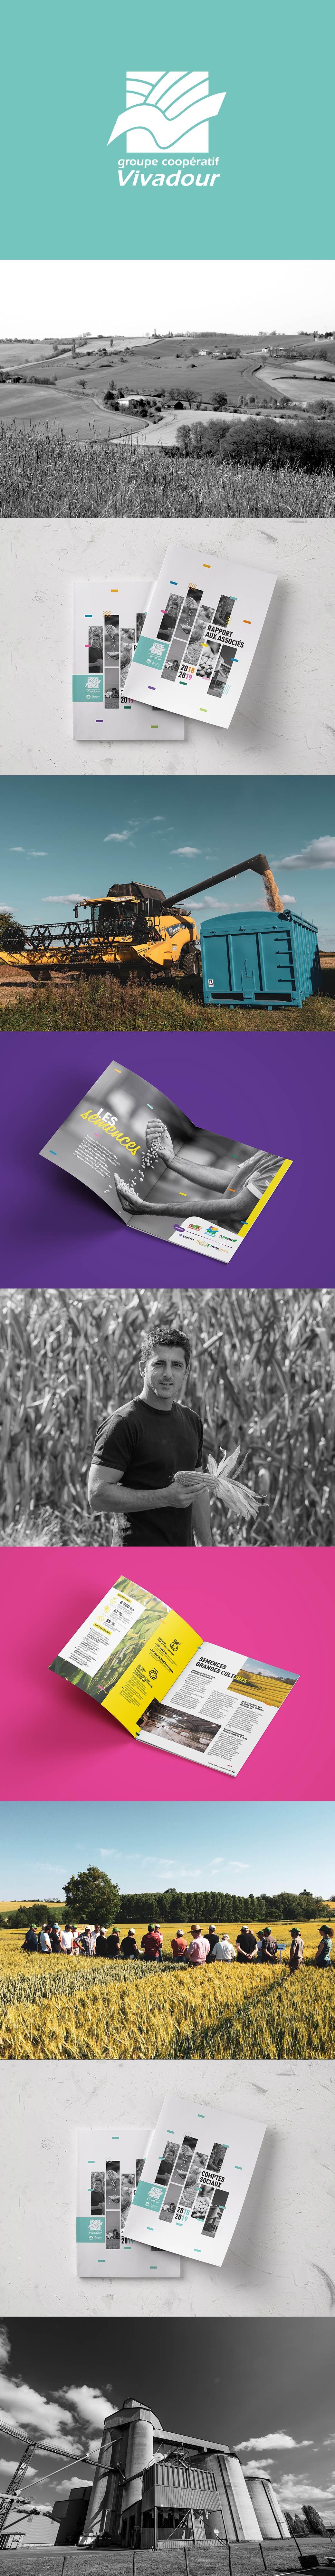 rapport d'activités groupe agricole vivadour